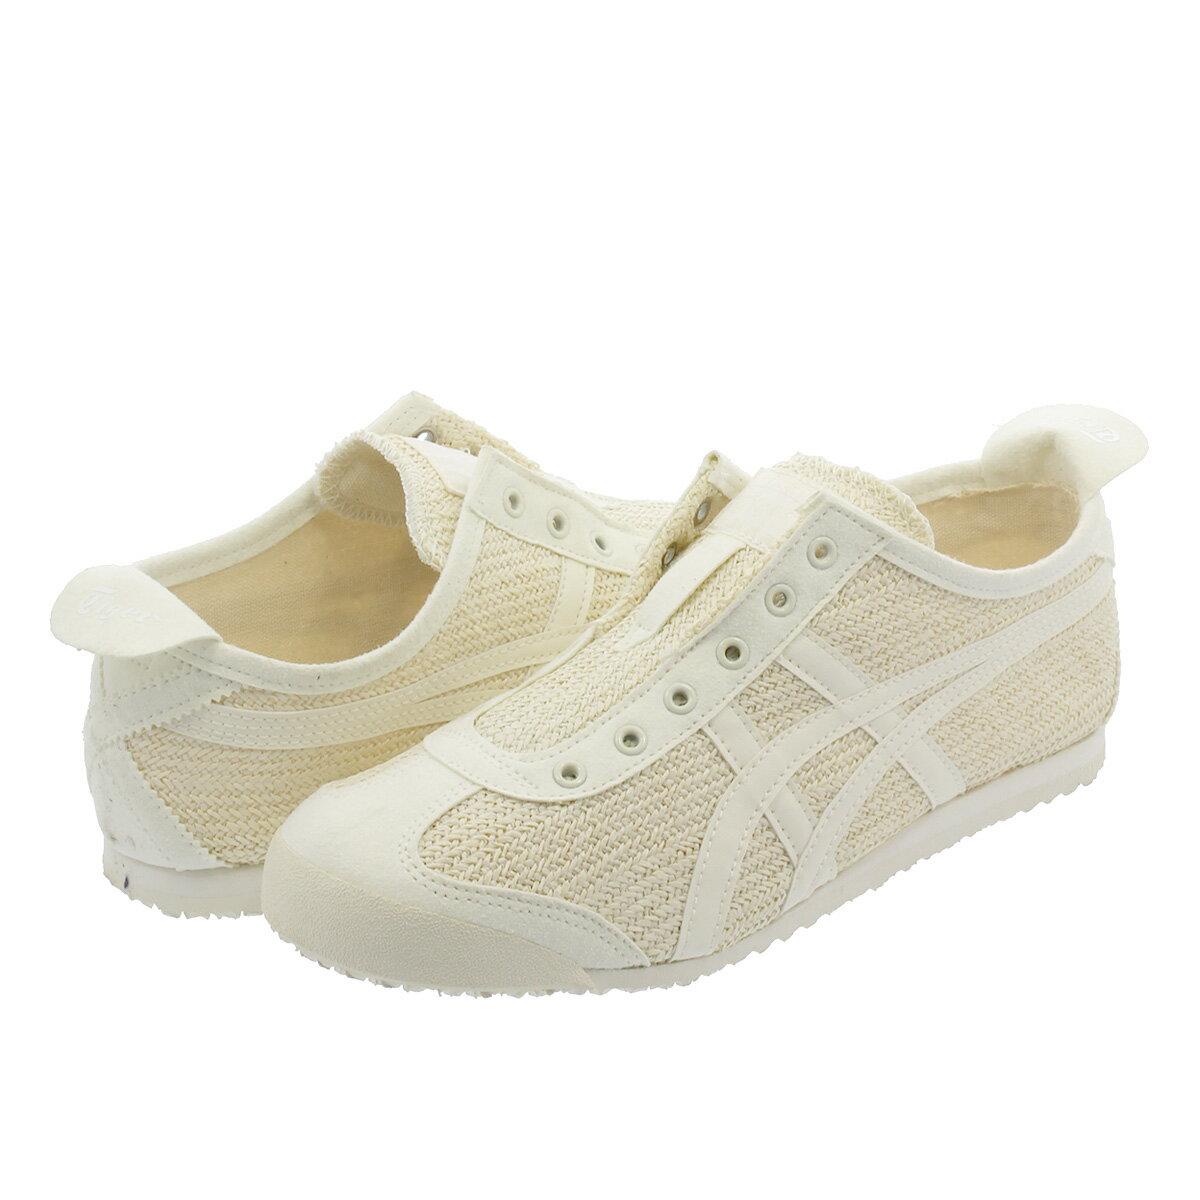 レディース靴, スニーカー Onitsuka Tiger MEXICO 66 SLIP-ON 66 CREAMCREAM 1182a046-101